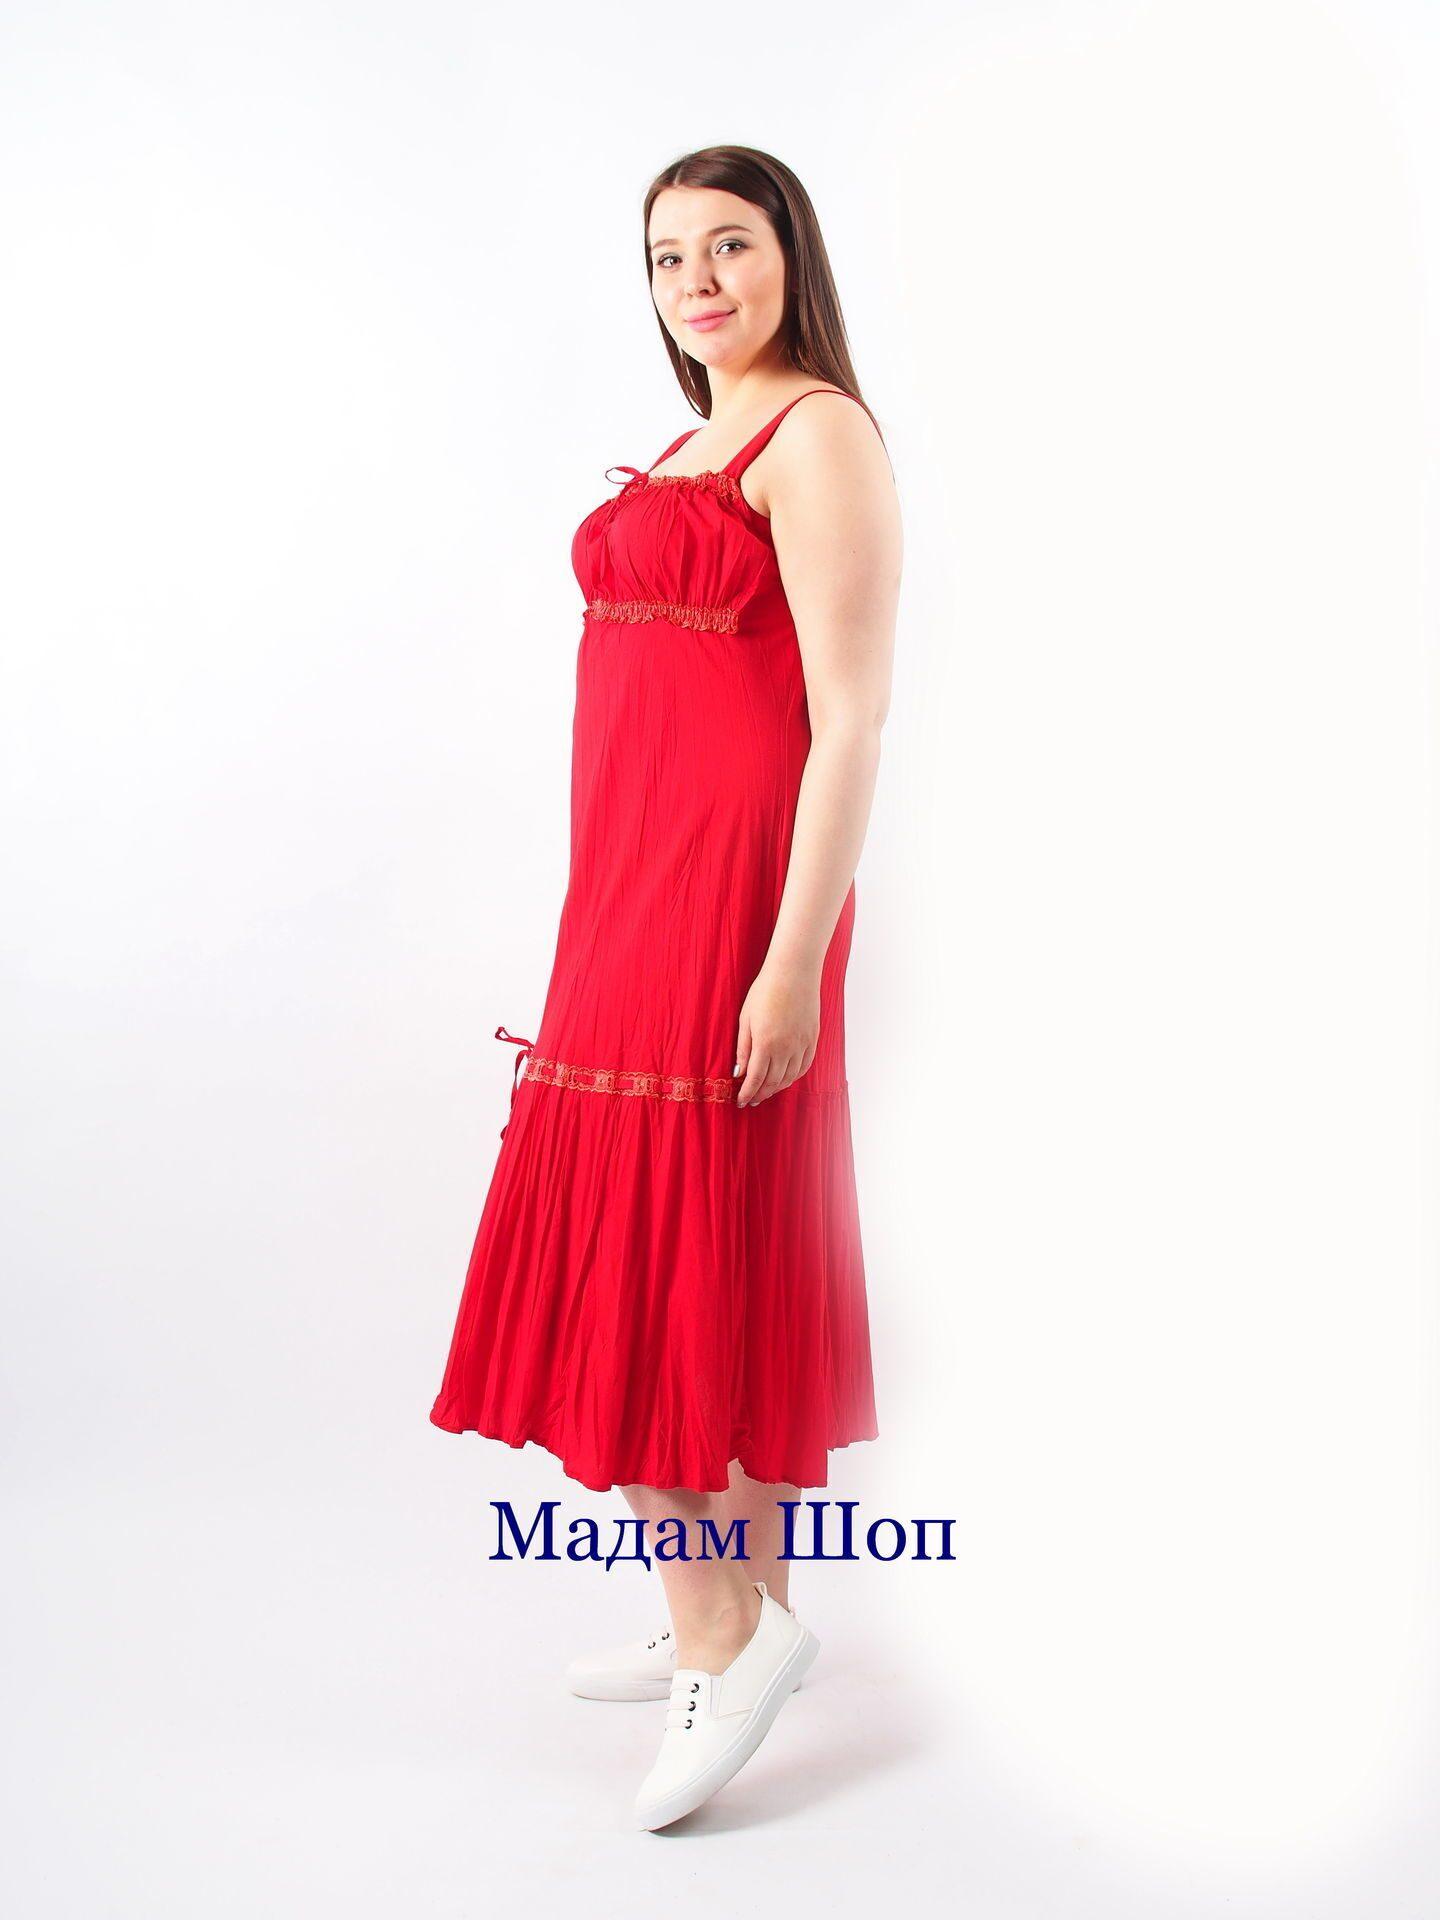 b3781ef0af3 Красный летний сарафан 48-50 размера из Турции купить в интернет ...